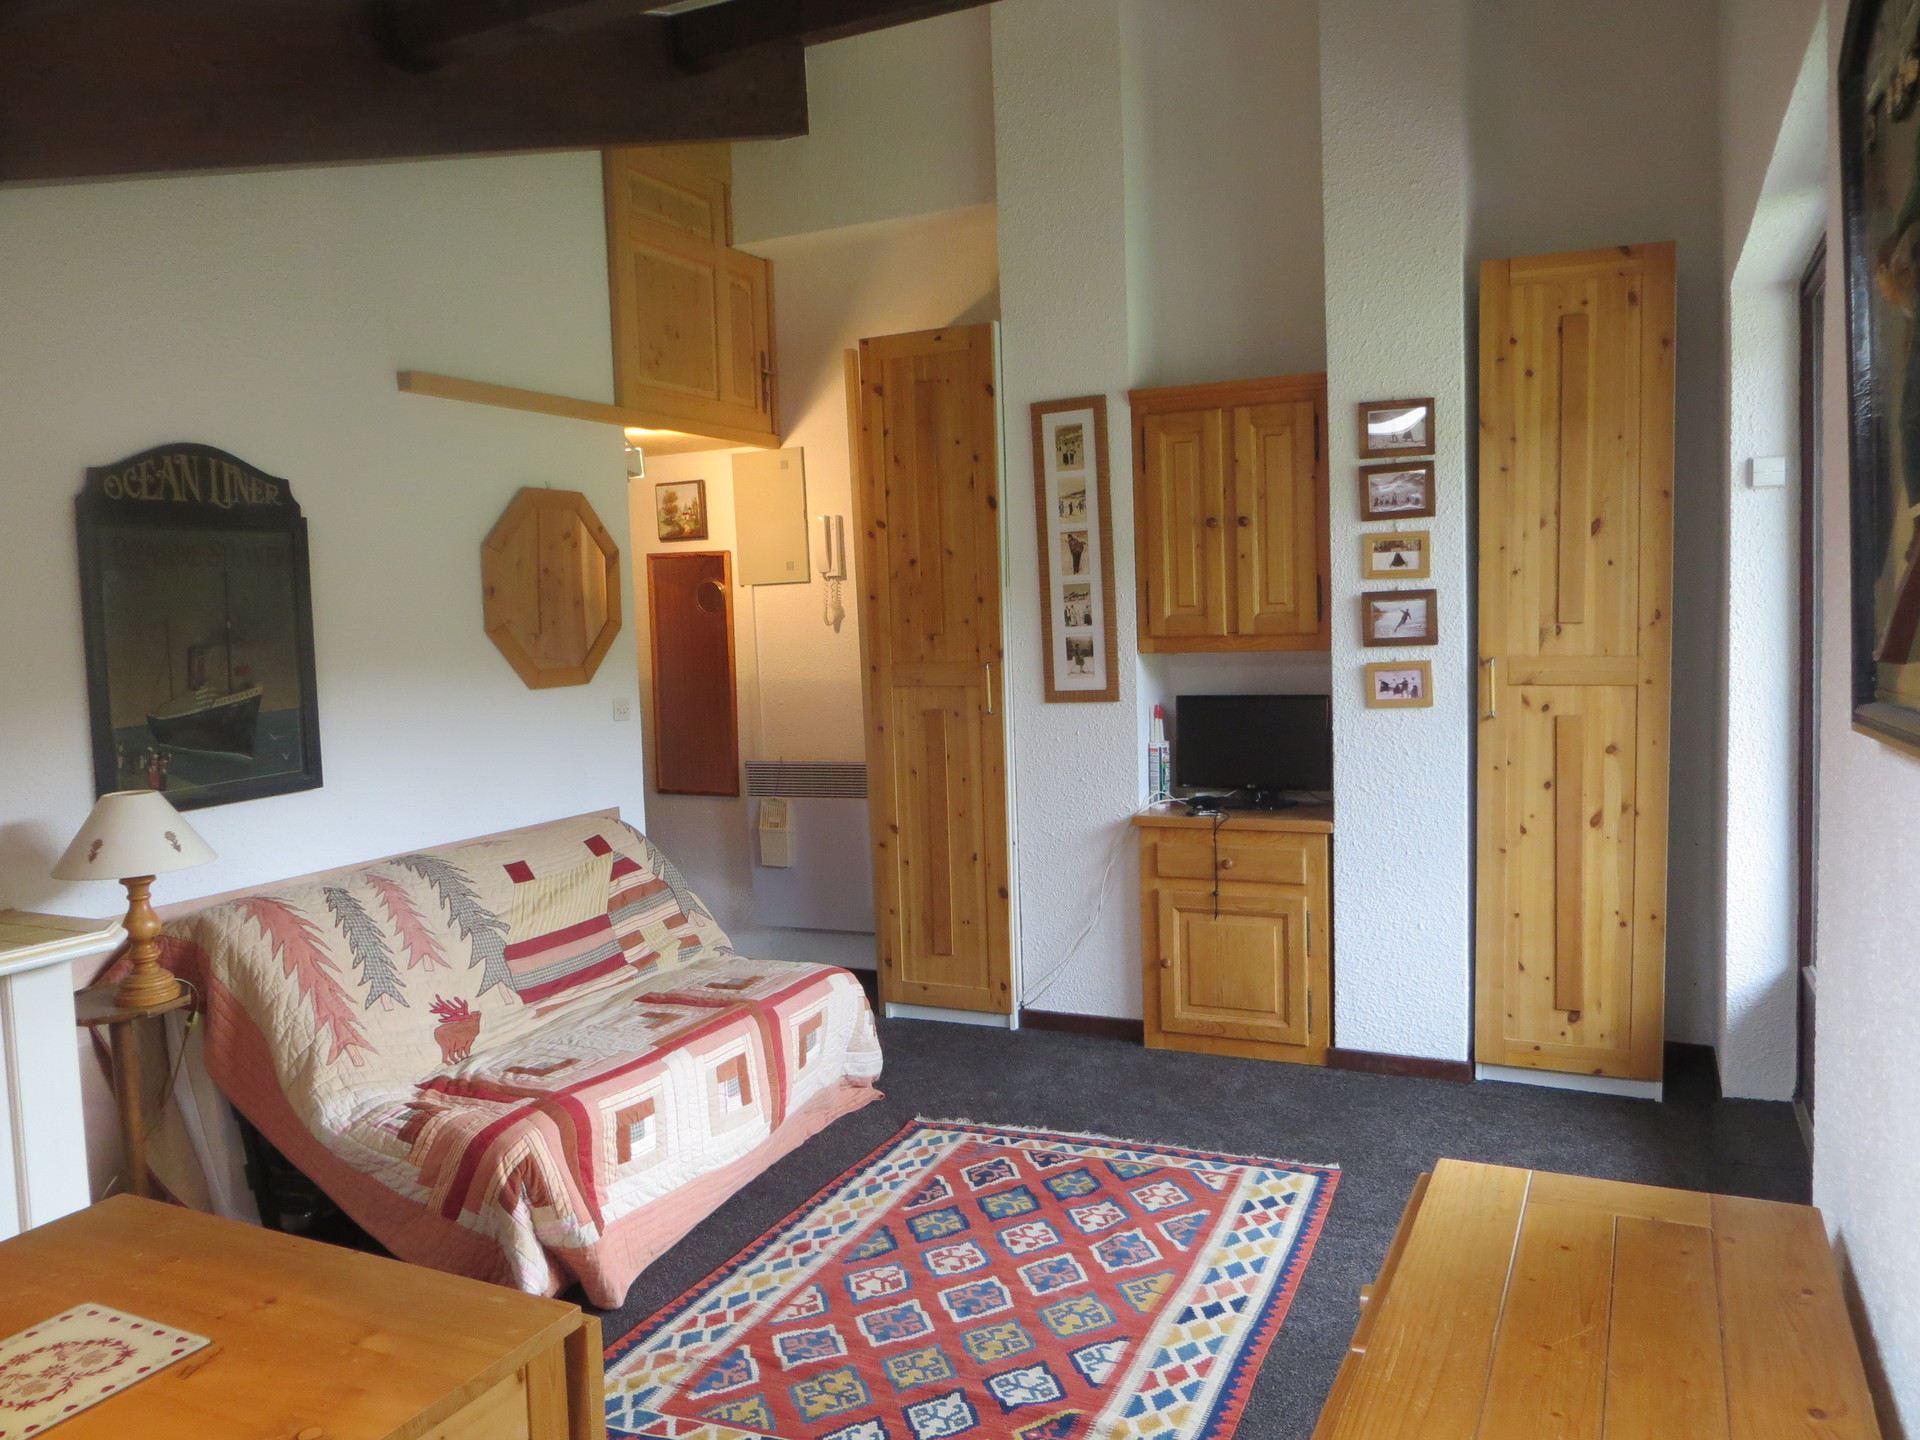 Grizzli S46 - LB105 - 1 pièce + cabine (non classé) - 4 personnes - 30m²